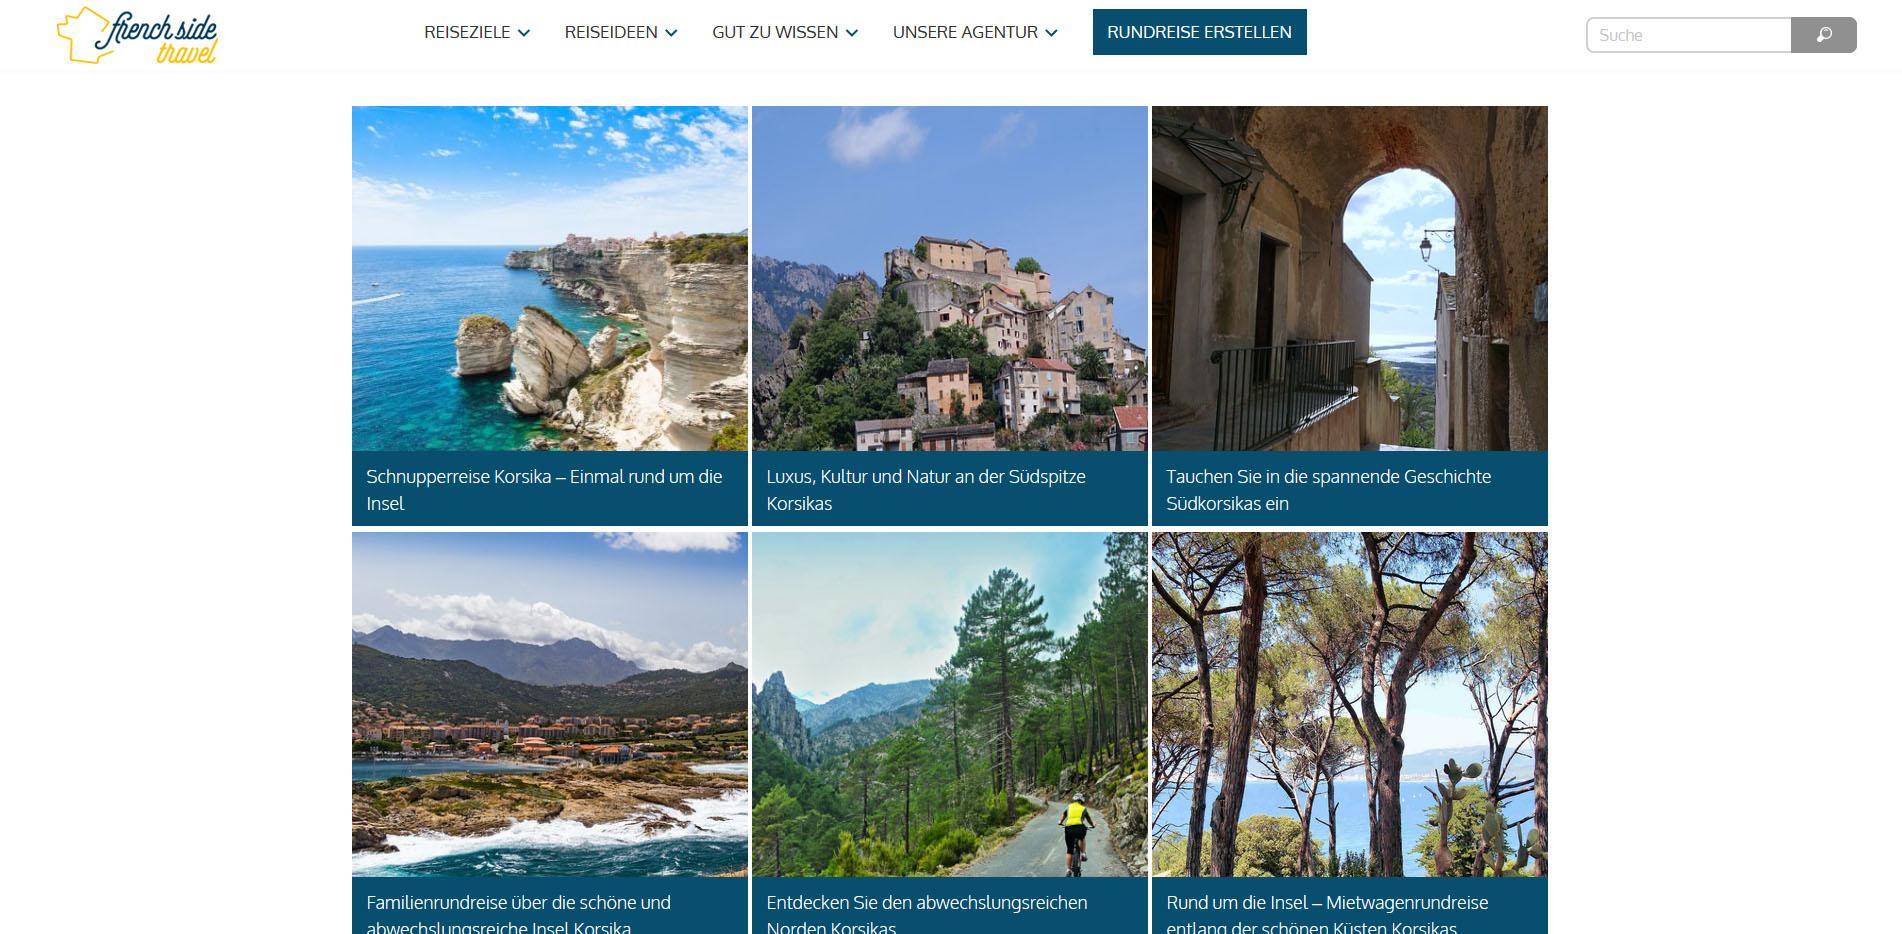 French Side Travel Korsika